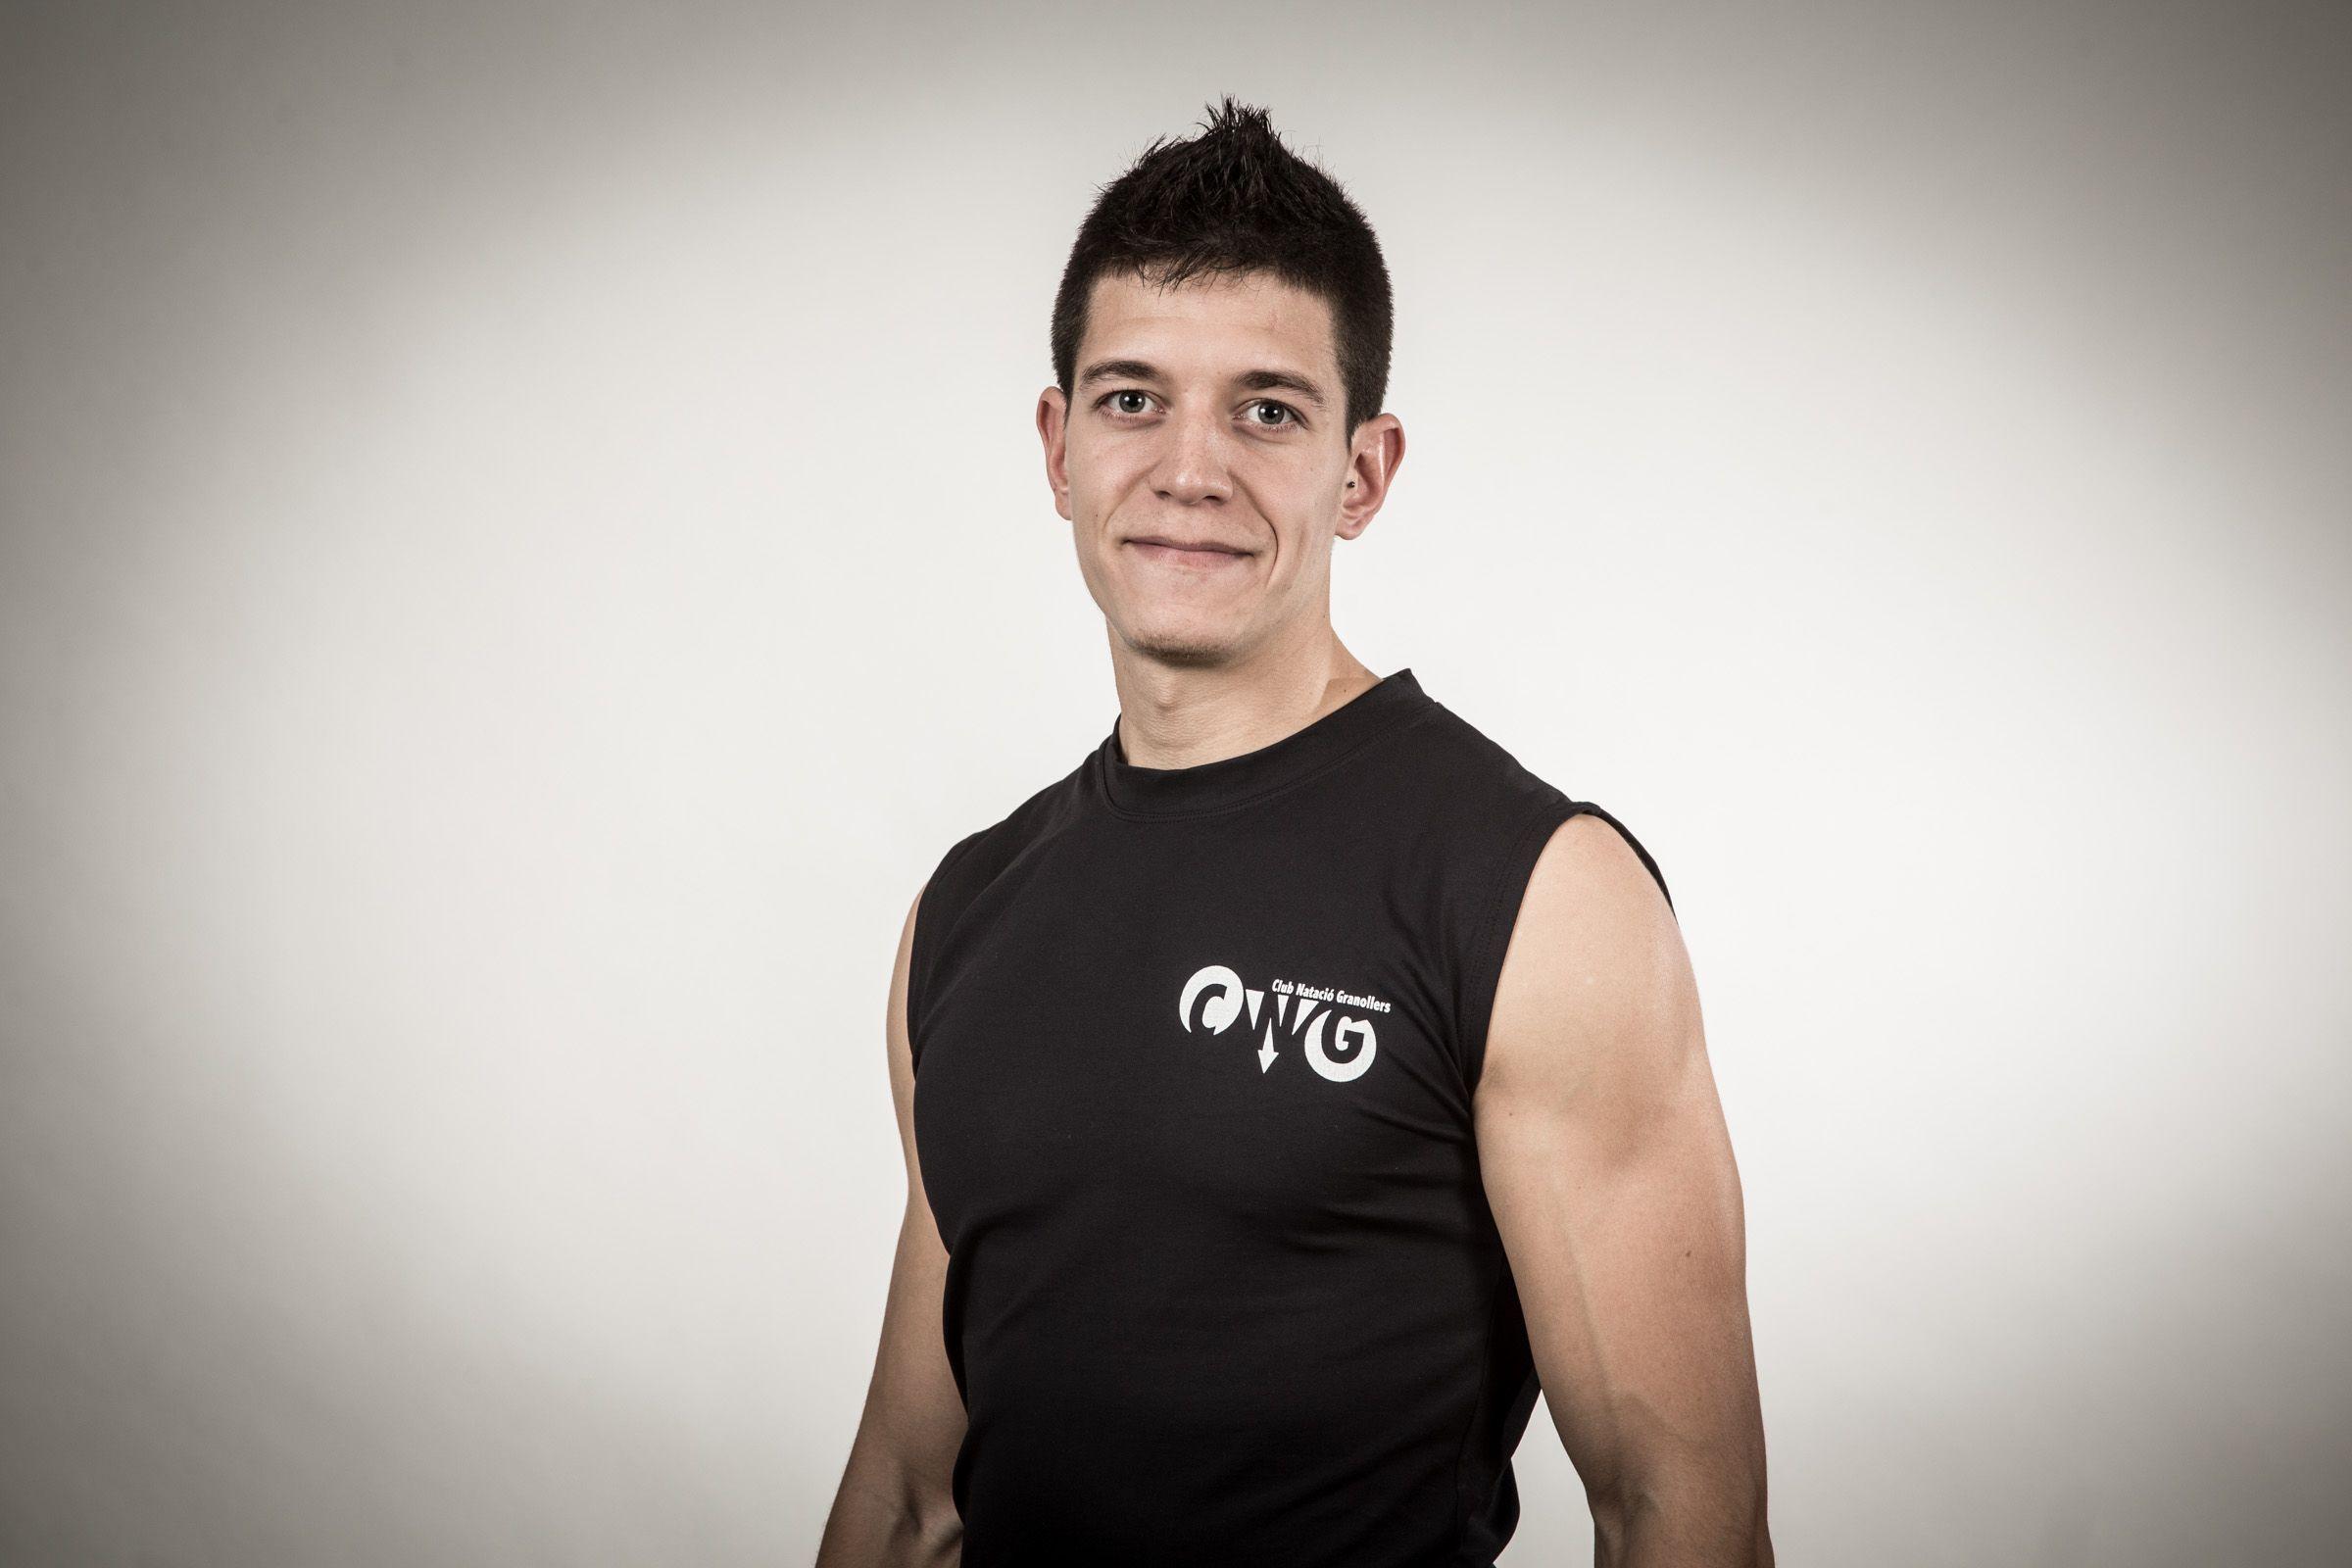 Pablo J. Pardo Barceló